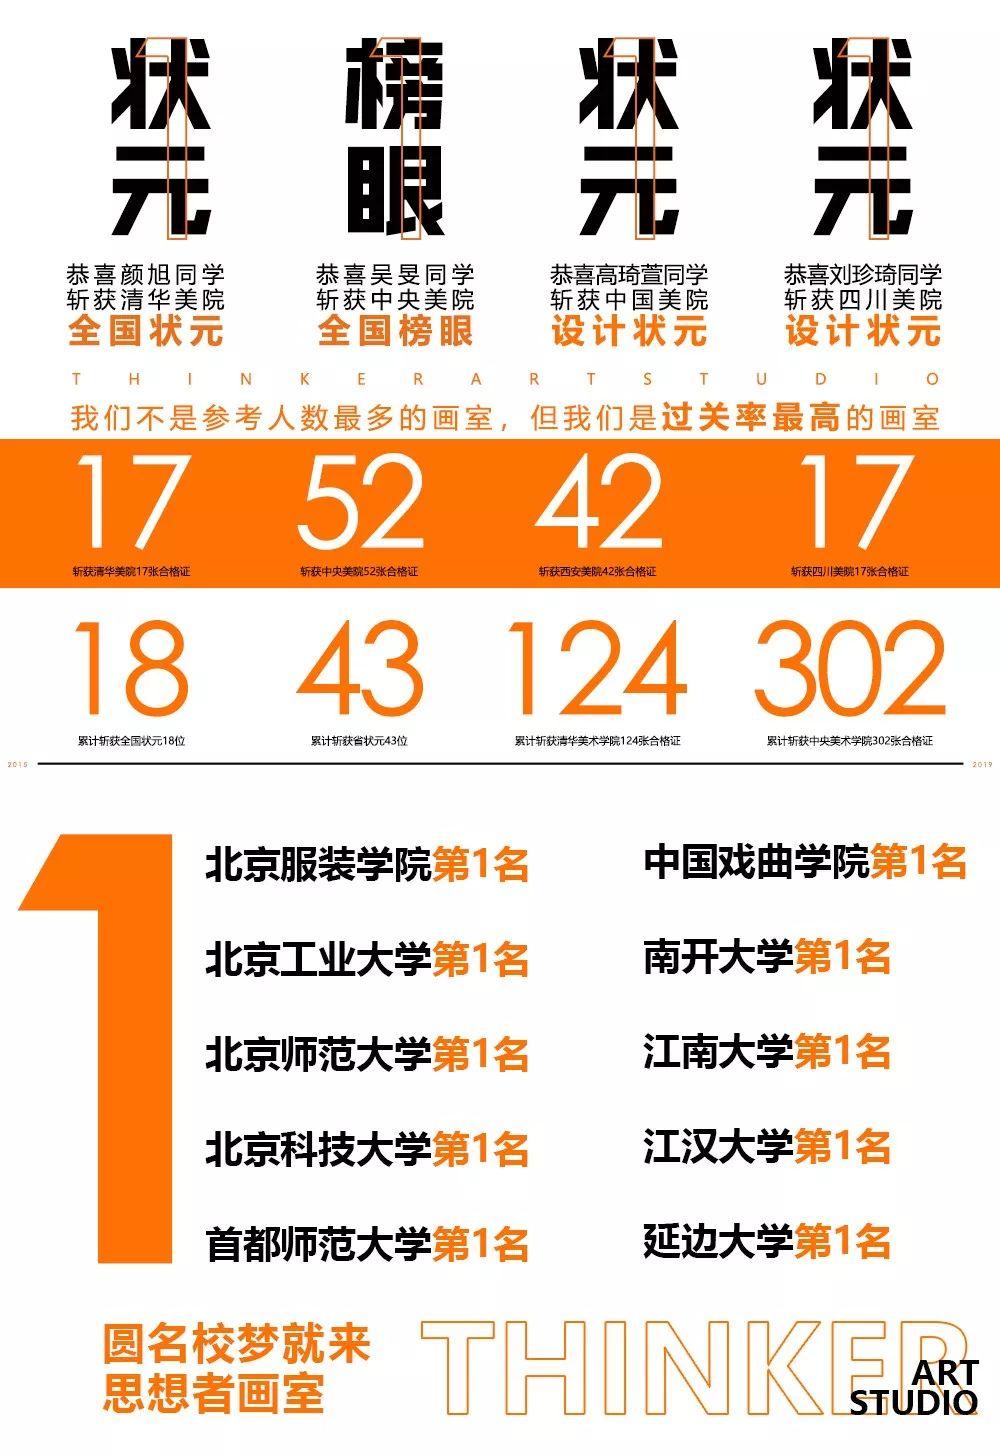 北京思想者画室预报名开启,北京画室招生,北京美术画室    23